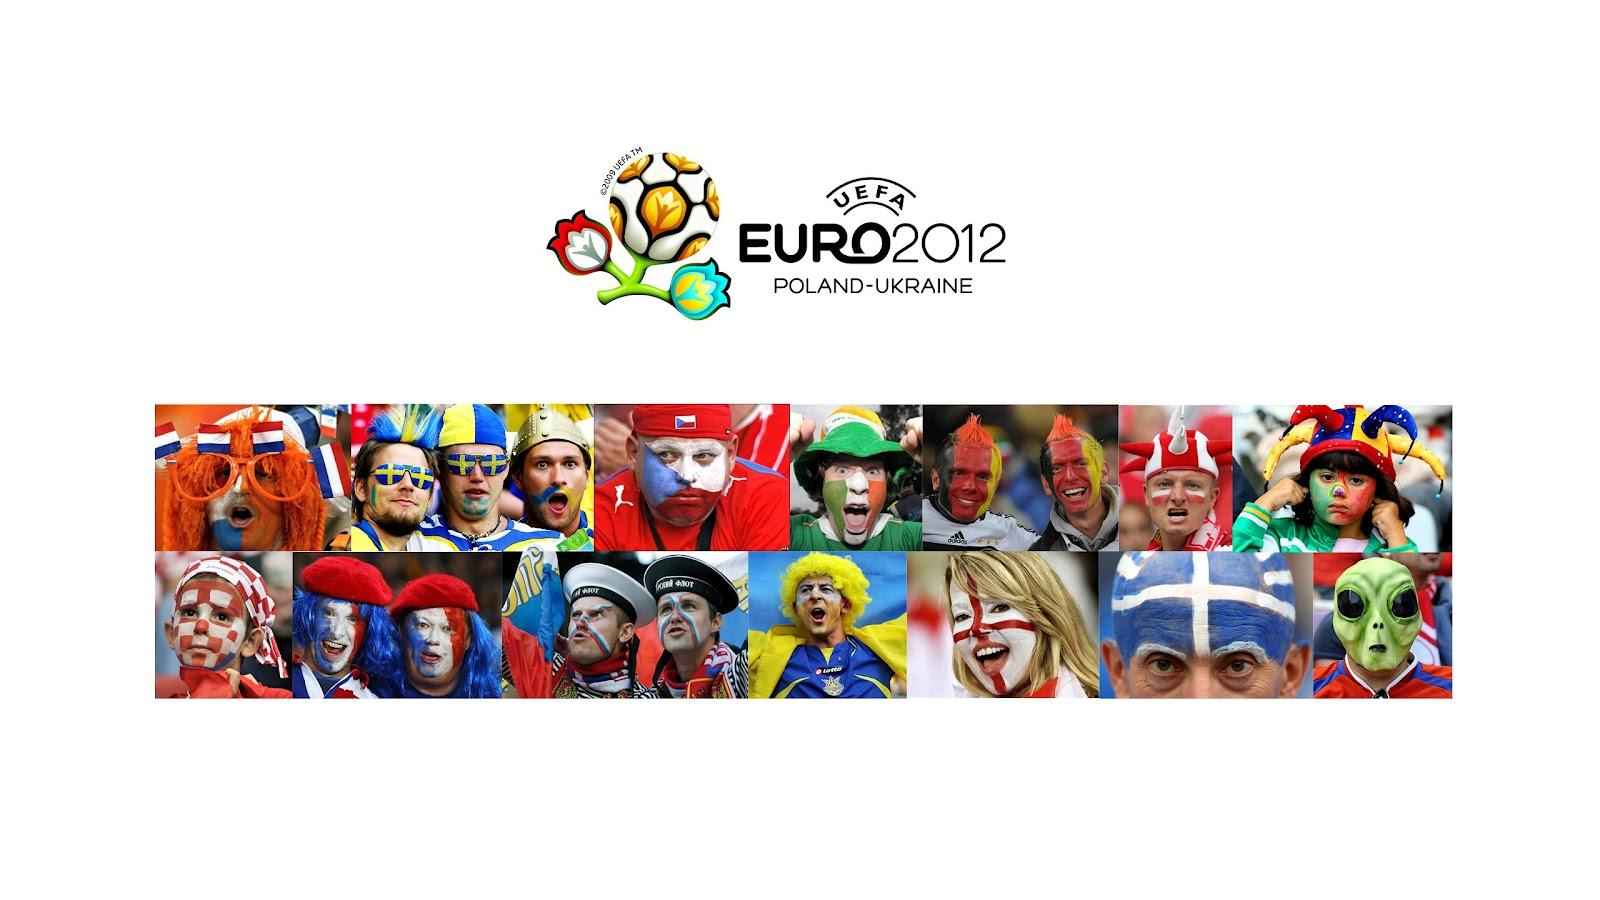 http://3.bp.blogspot.com/-E6LuodaawHw/T9TdHfMgofI/AAAAAAAAArE/r-qAGAqutMw/s1600/Euro+2012+Poland-Ukraine.jpg